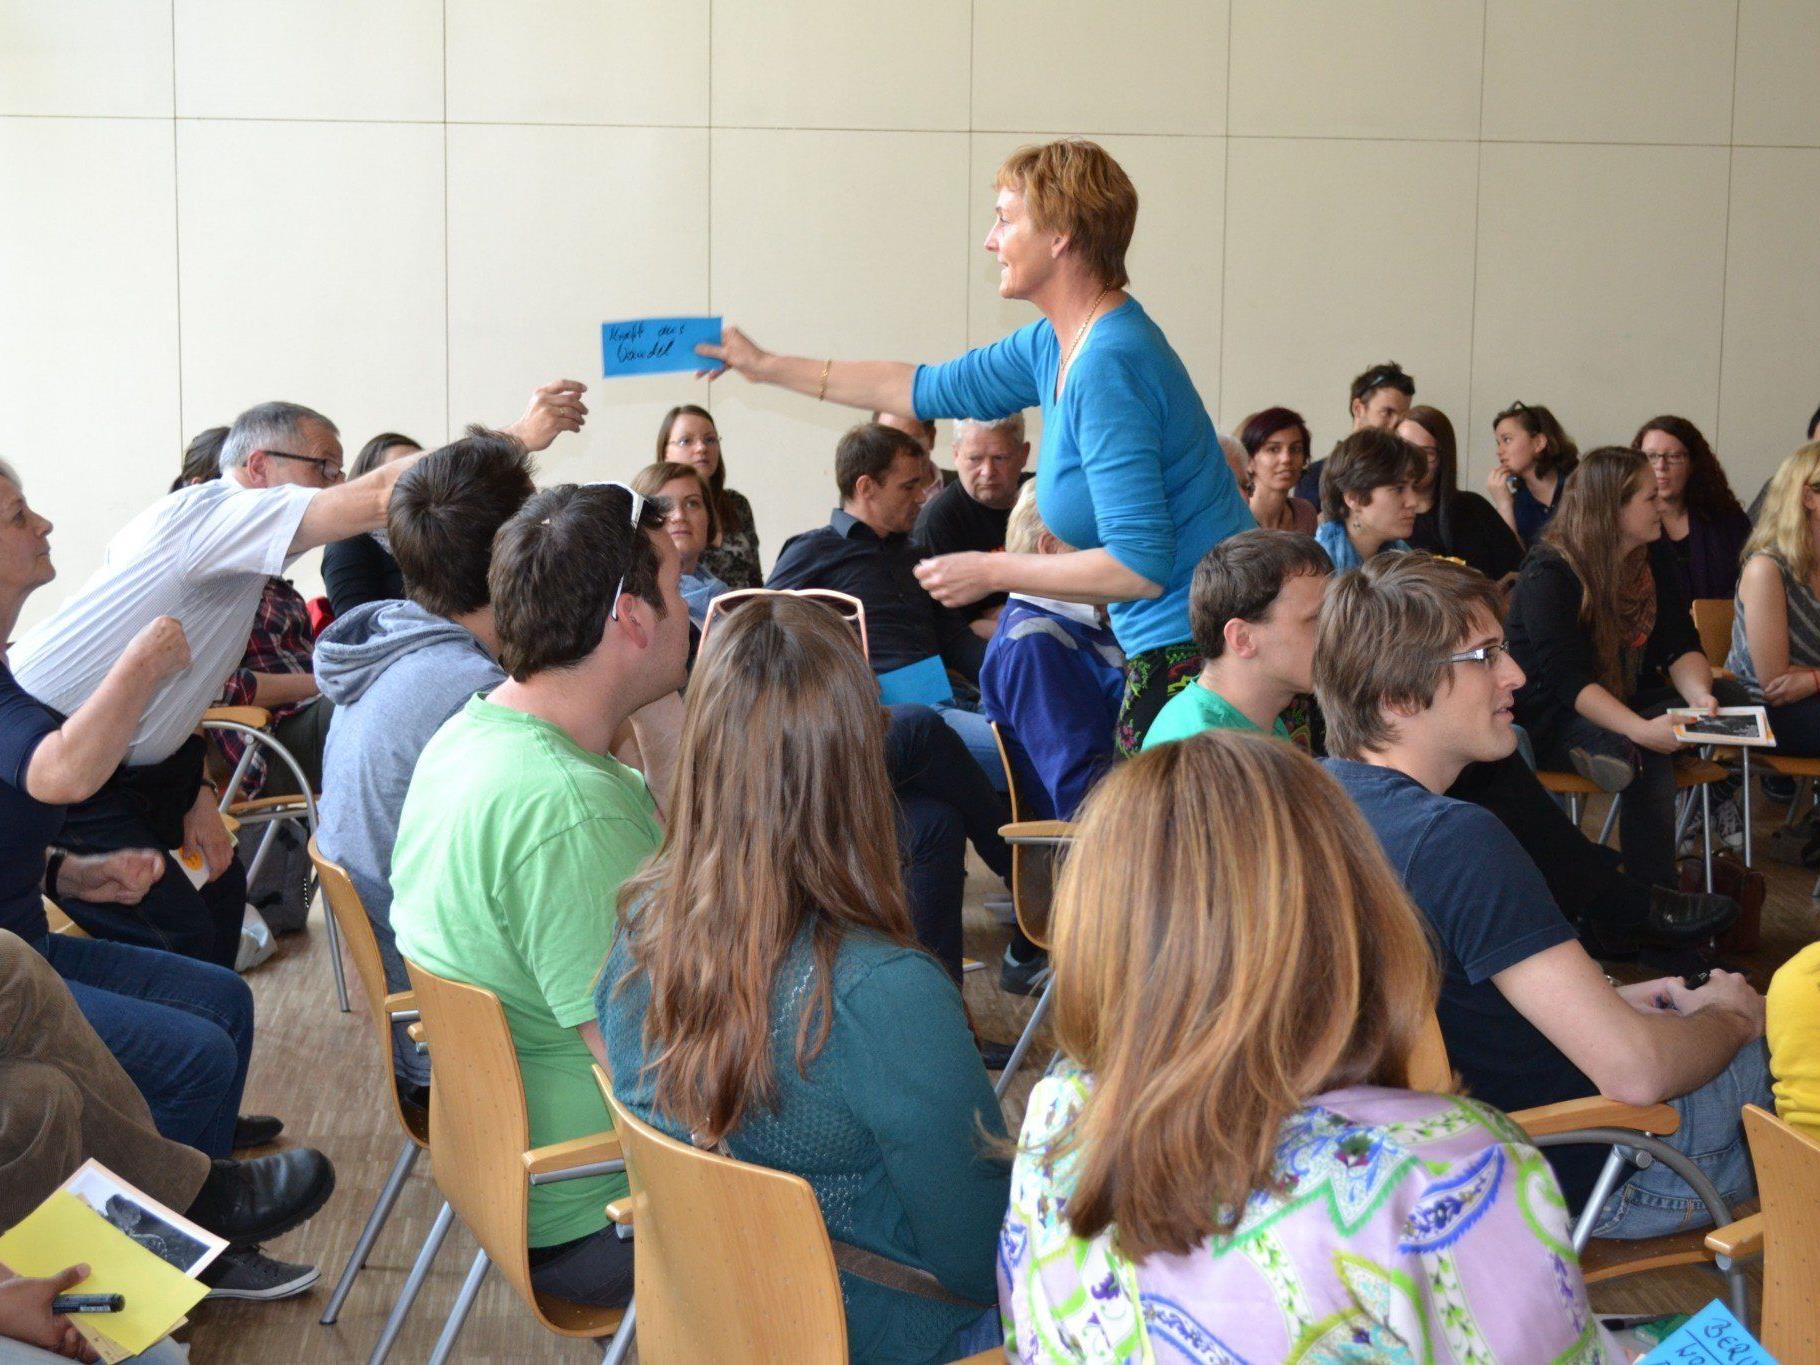 Interessanter Generationen-Talk im Bildungshaus St. Arbogast.